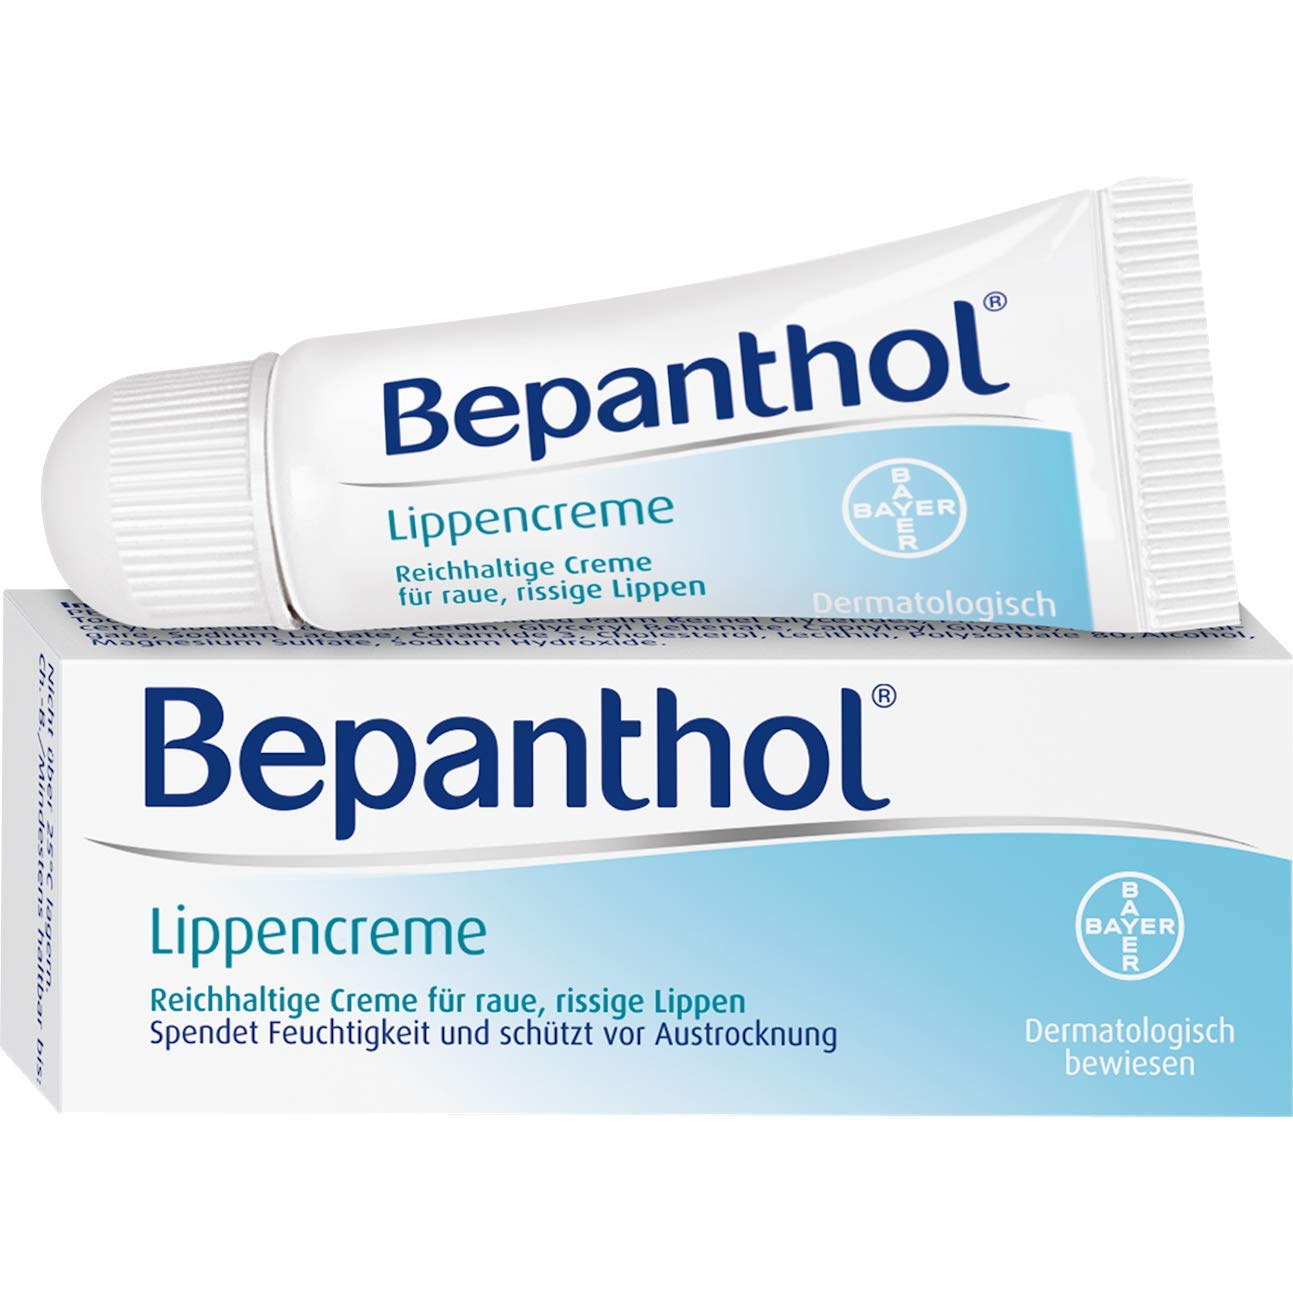 Bepanthol Lip Cream, 7.5 g Cream